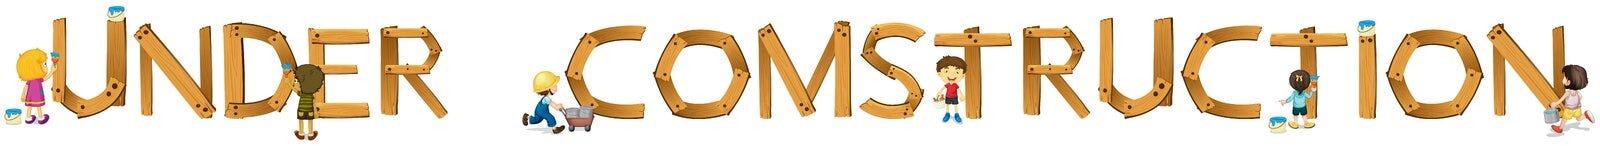 Mot anglais en construction Images stock